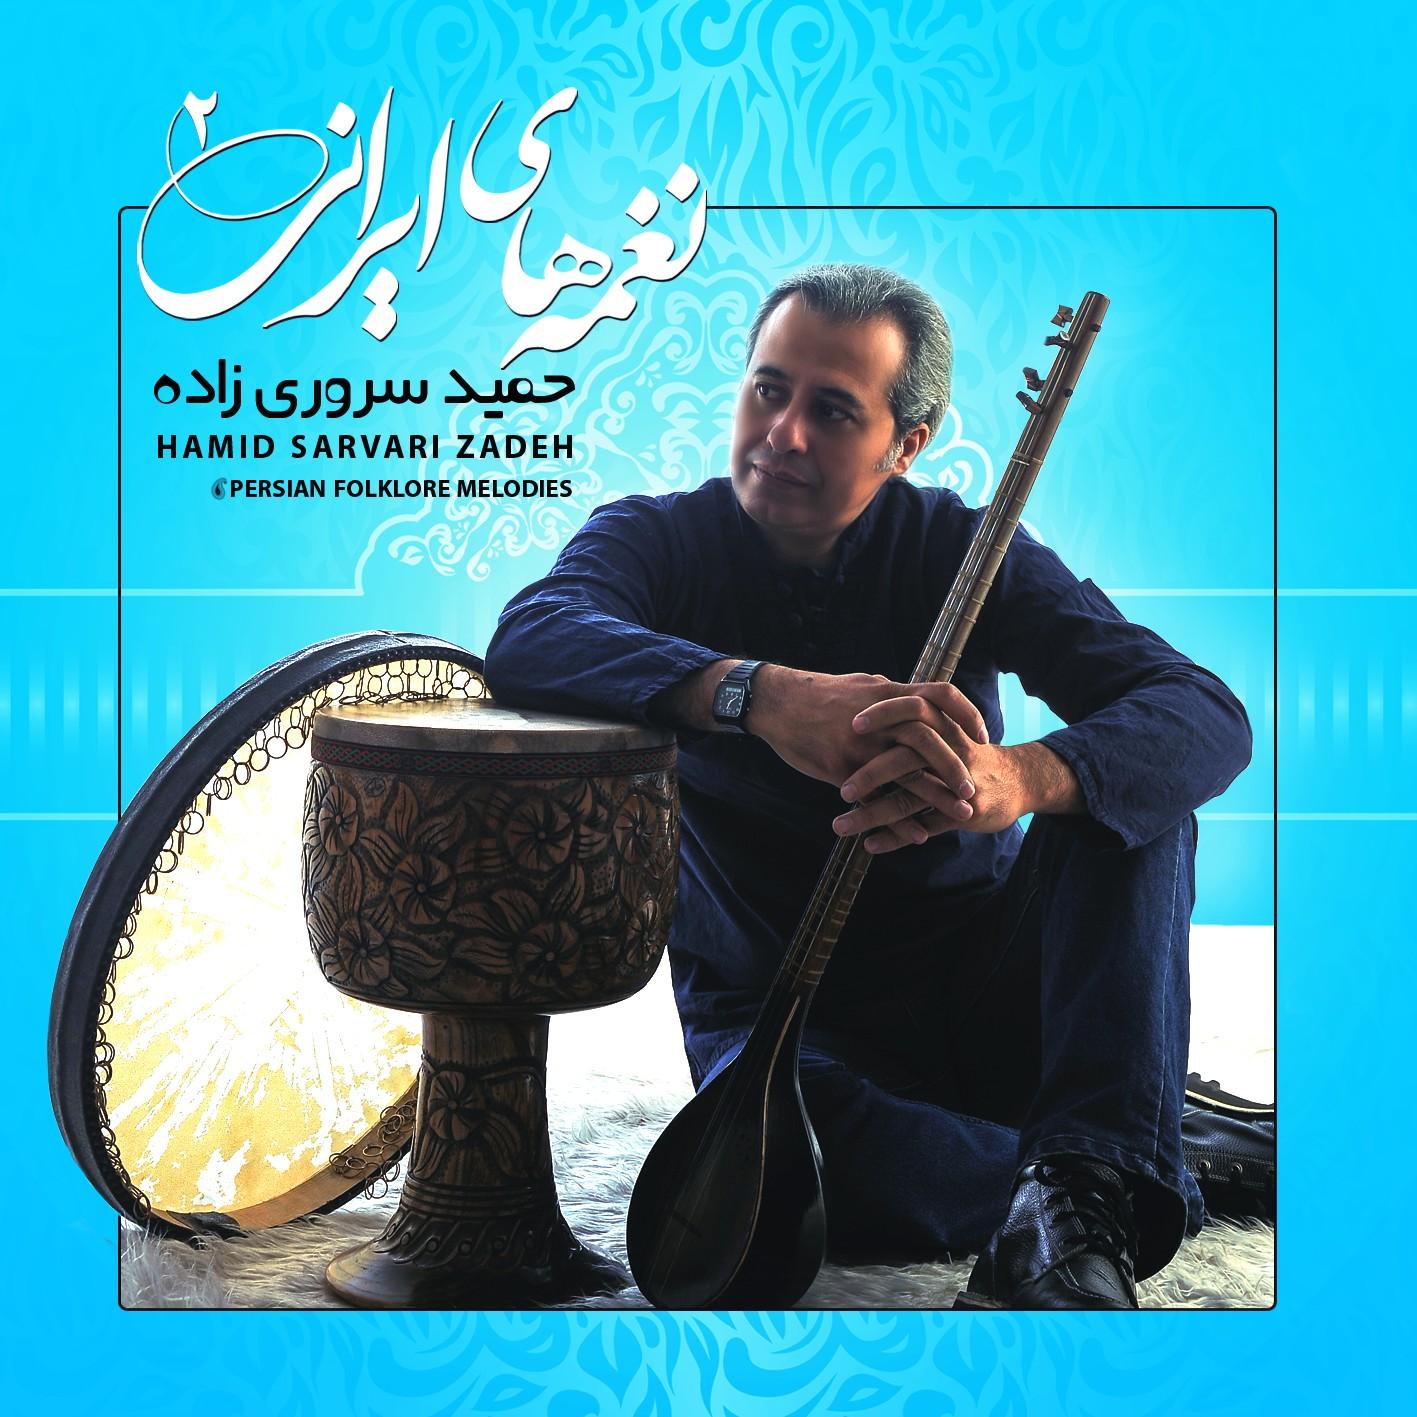 دانلود آلبوم حمید سروری زاده نغمه های ایرانی 2